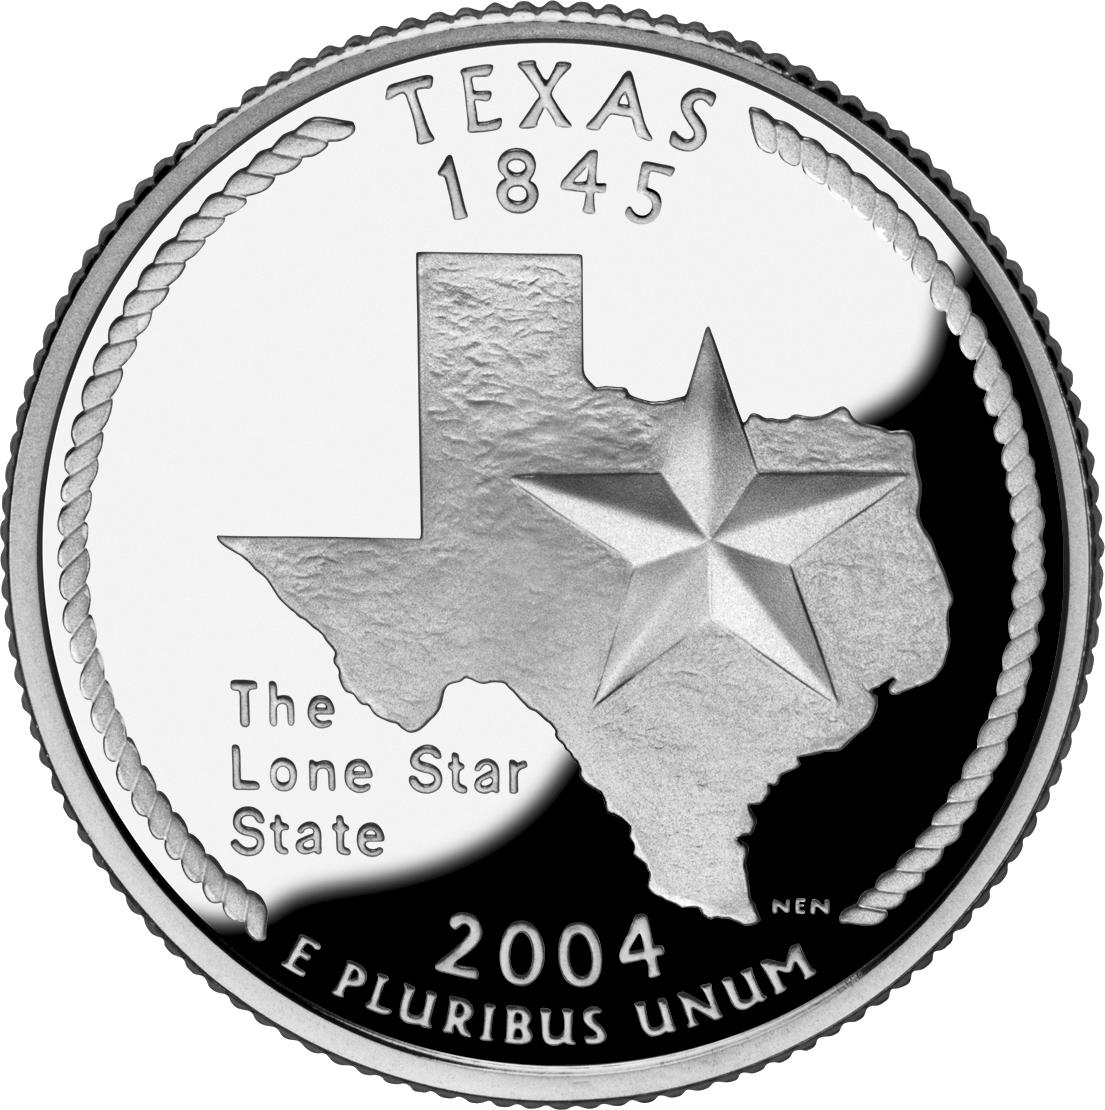 Historia de Texas - Wikipedia, la enciclopedia libre